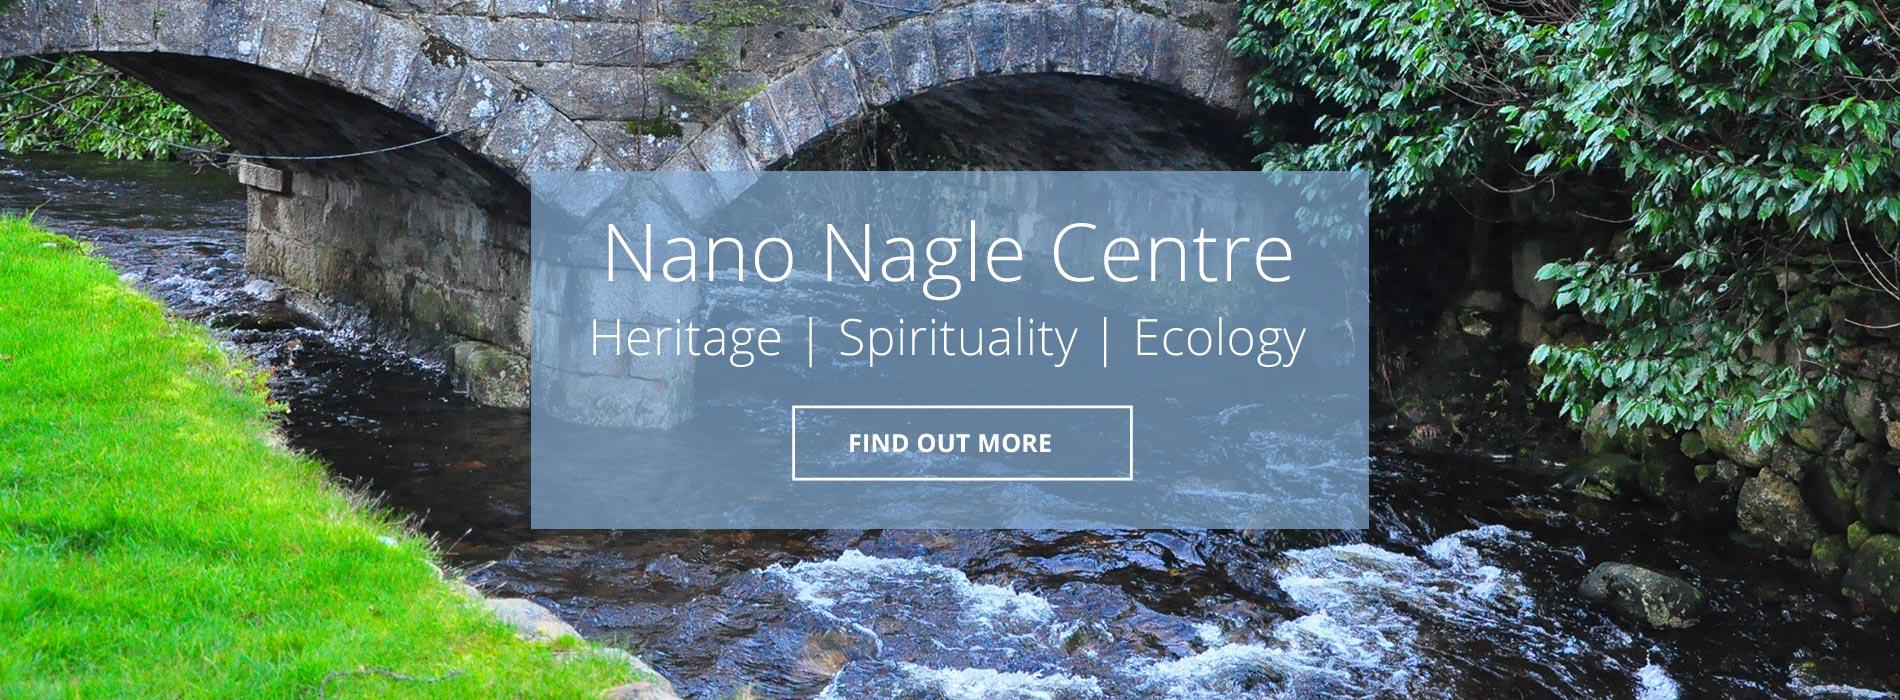 Nano Nagle Centre